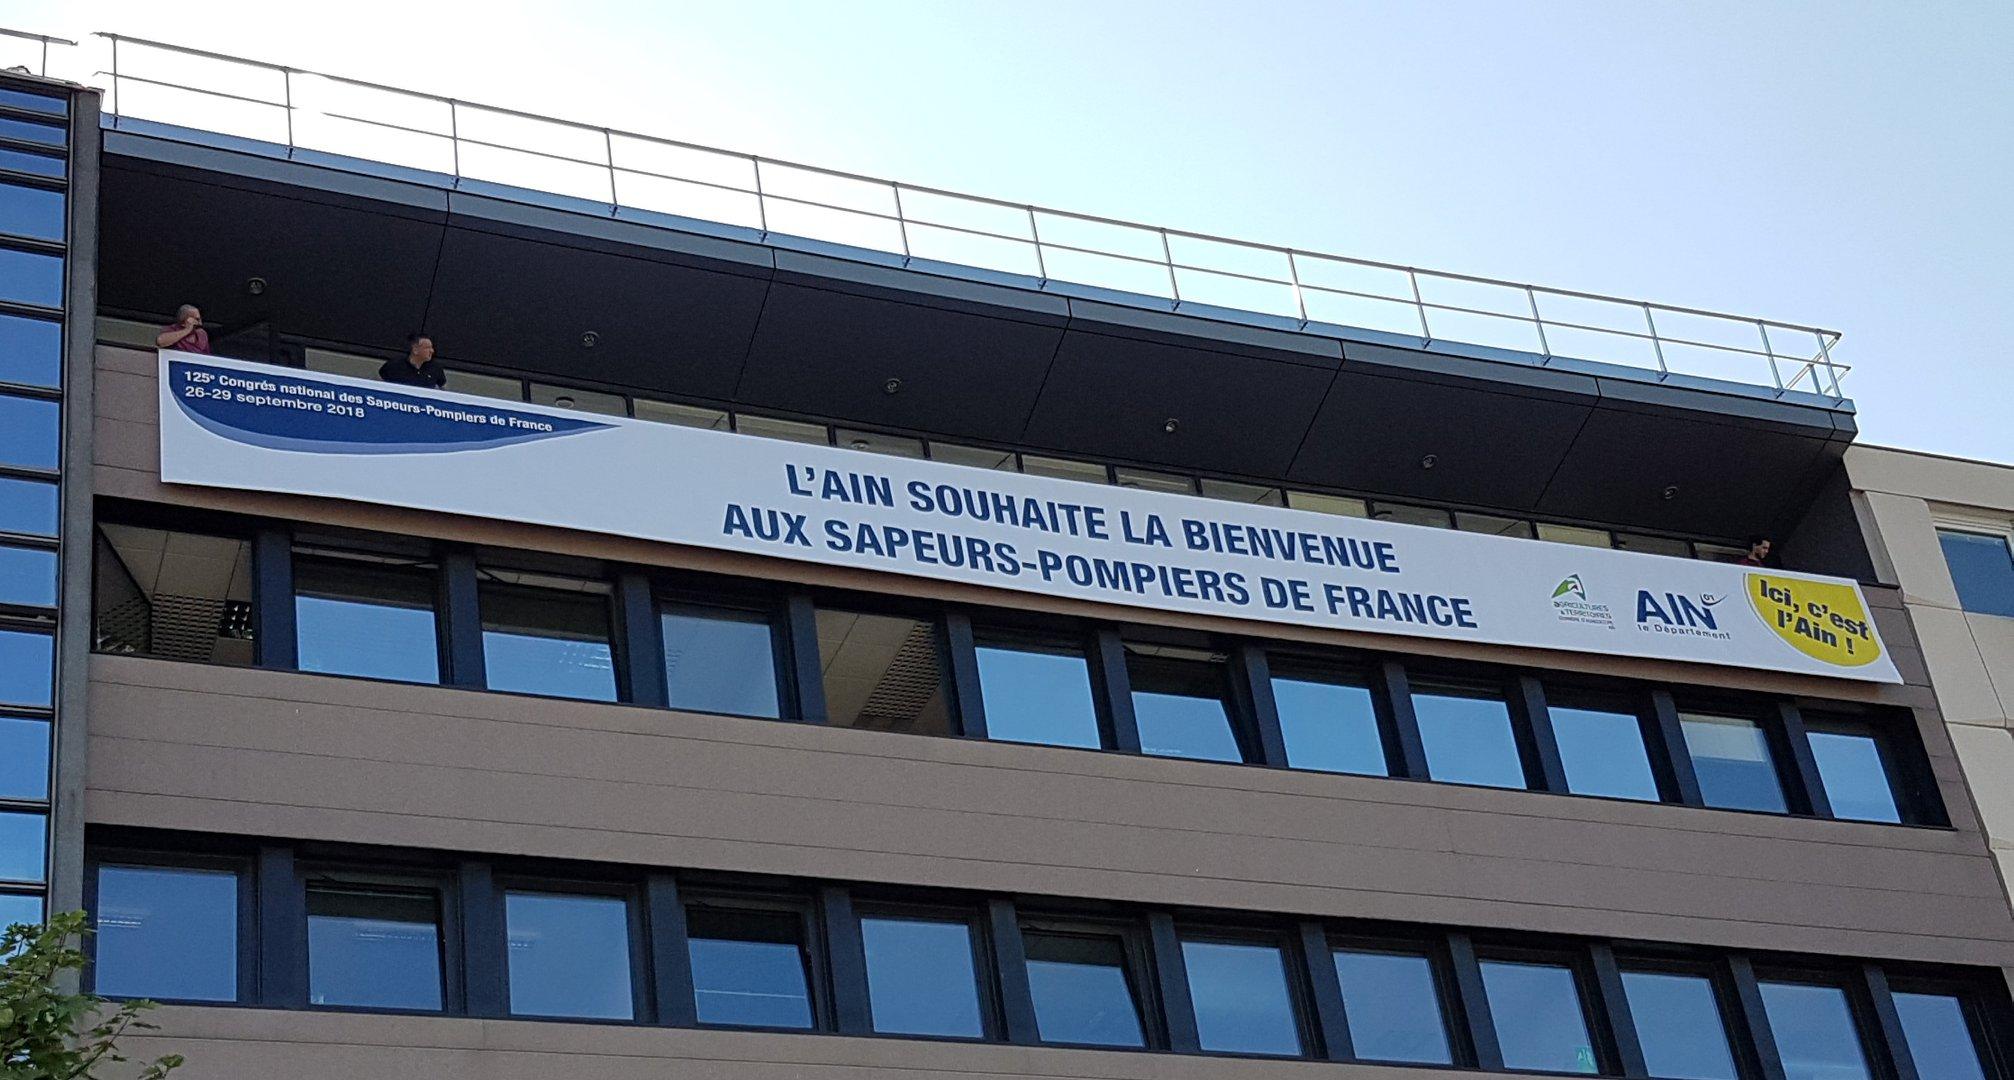 L'Ain souhaite la bienvenue aux sapeurs pompiers de France, 125e congrès national des sapeurs-pompiers de France Banderole blanche, maison de l'agriculture de l'Ain